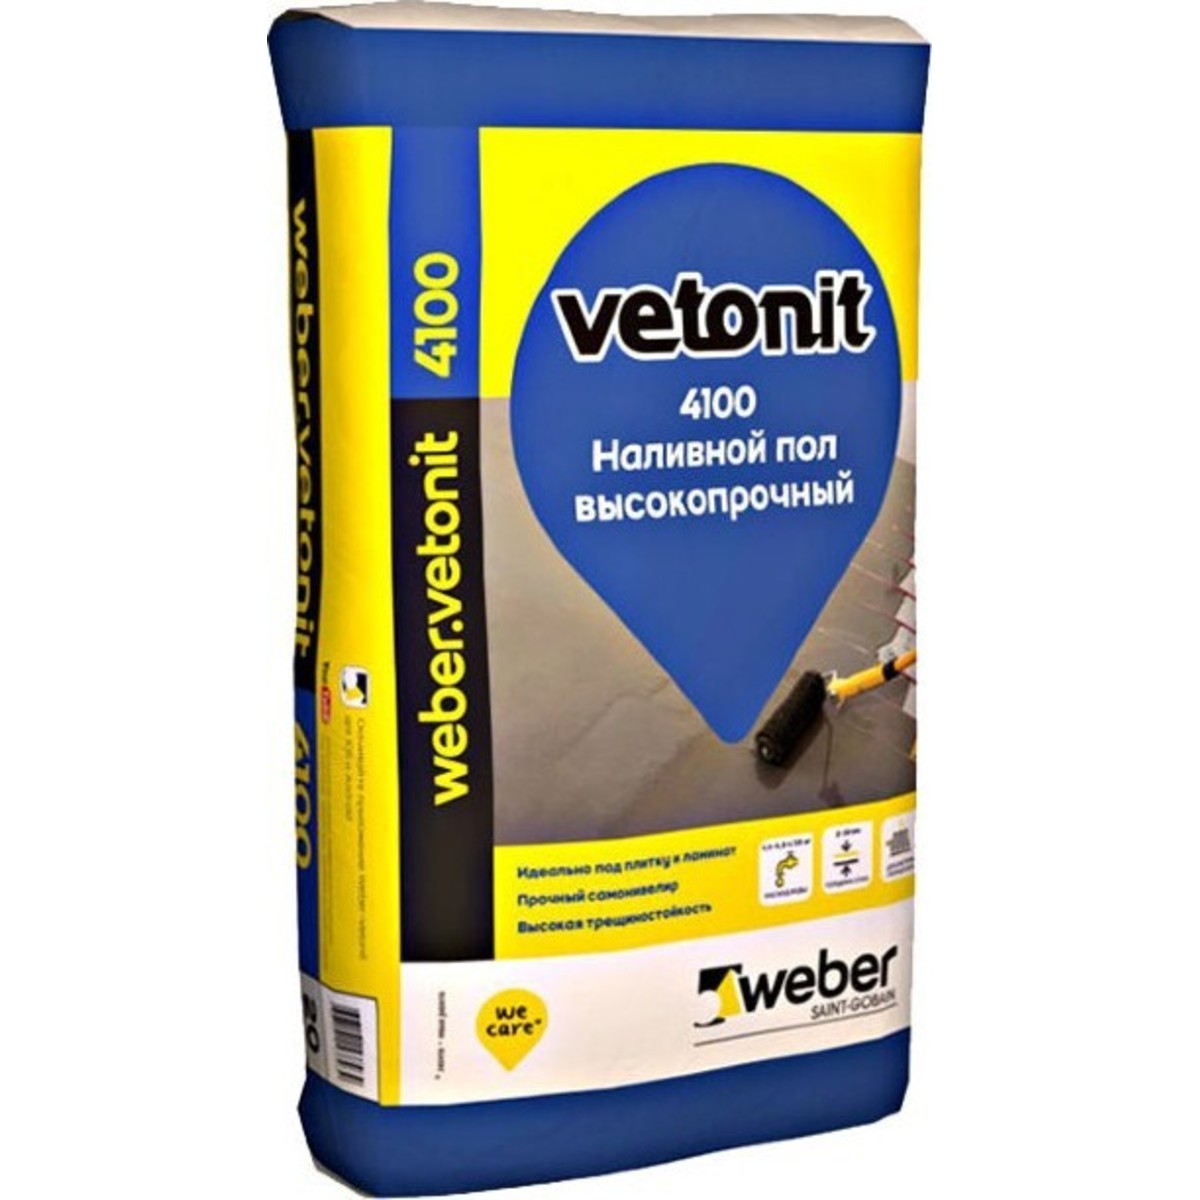 Наливной пол Weber Vetonit 4100 20 кг